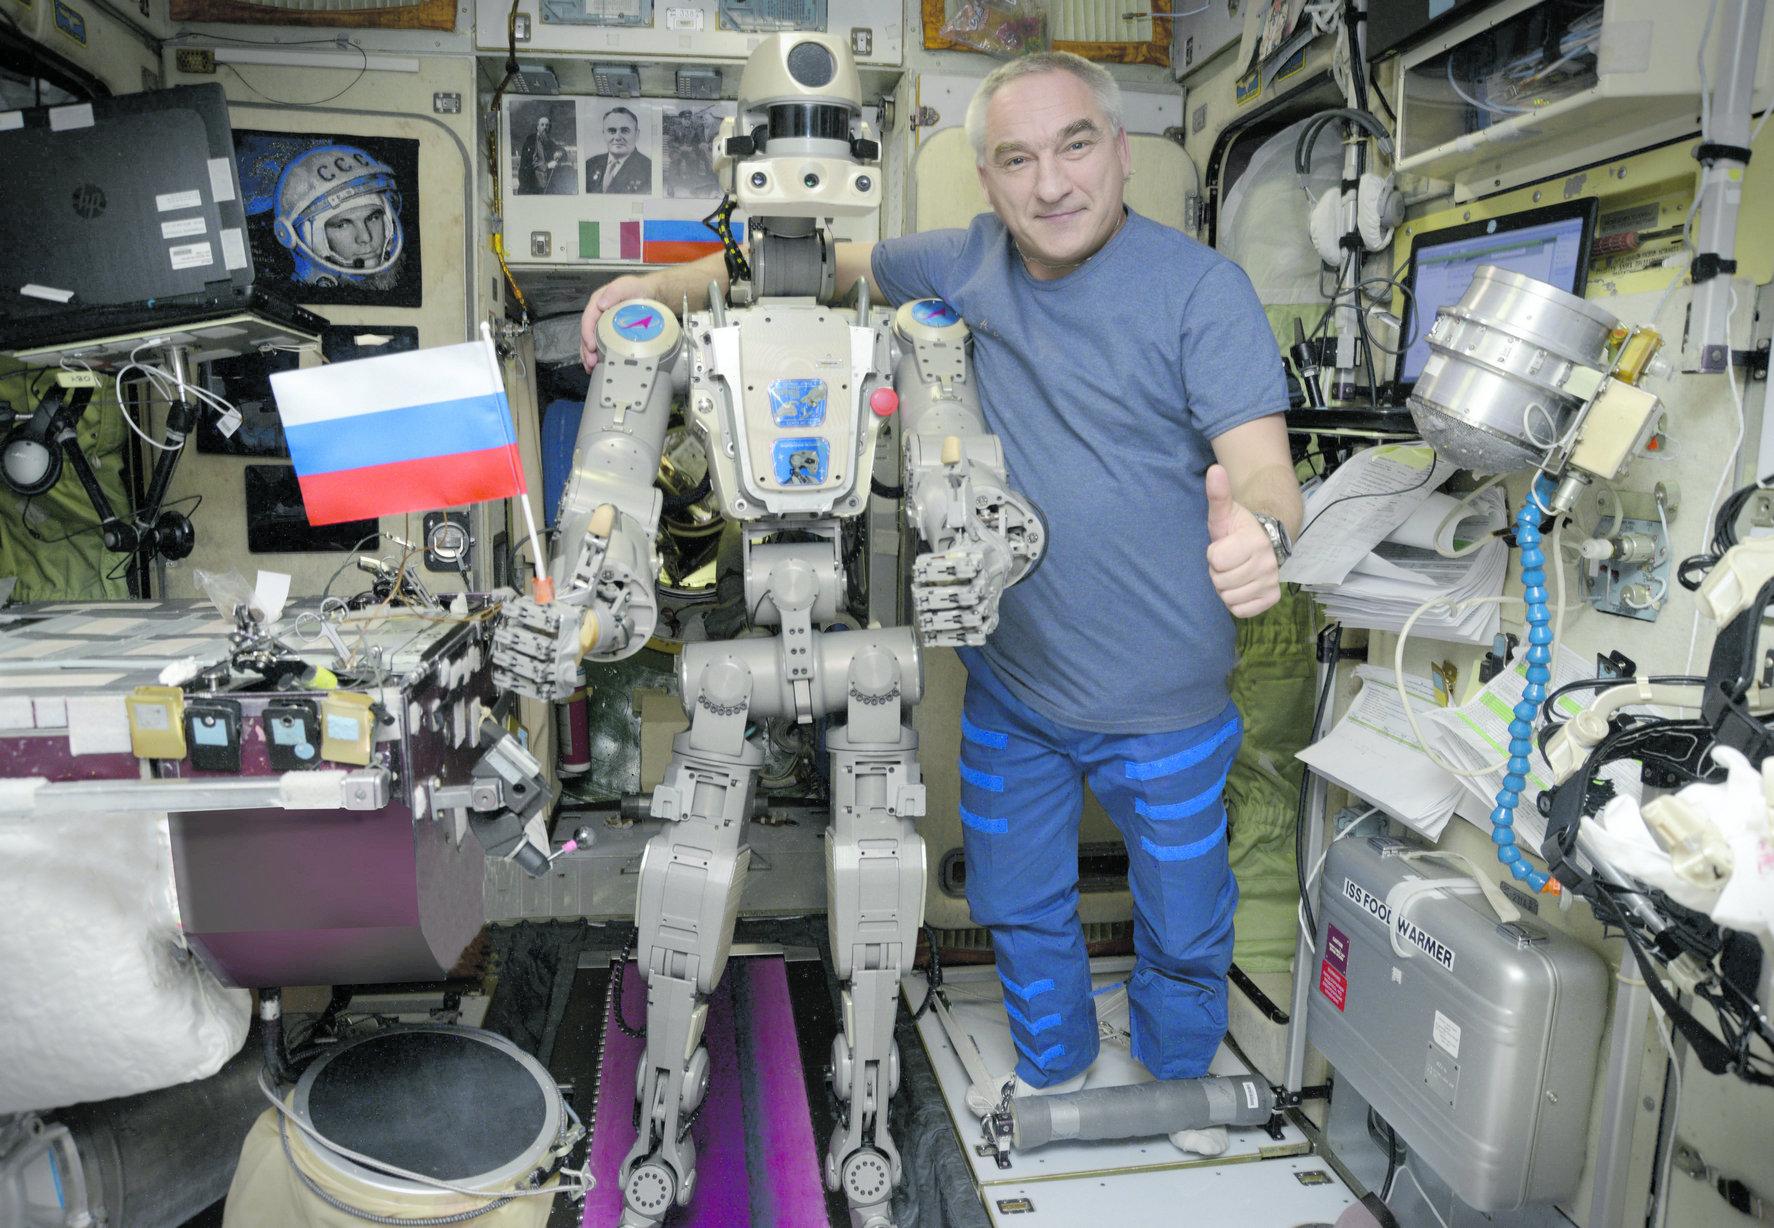 Антропоморфный робот FEDOR и космонавт Александр Скворцов на борту МКС